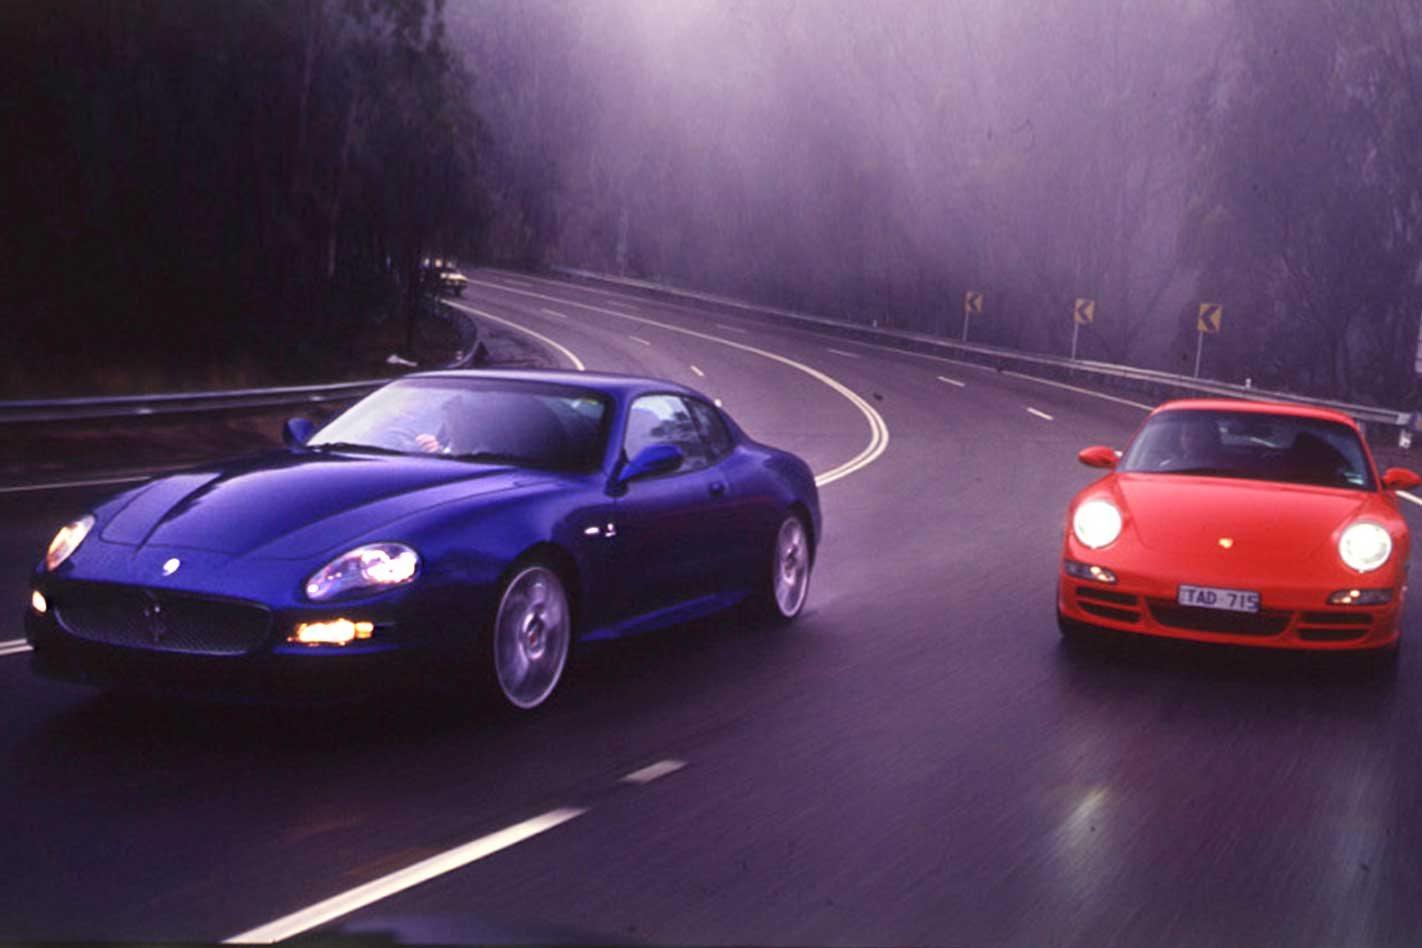 2005 maserati gransport vs porsche 911 carrera s comparison review